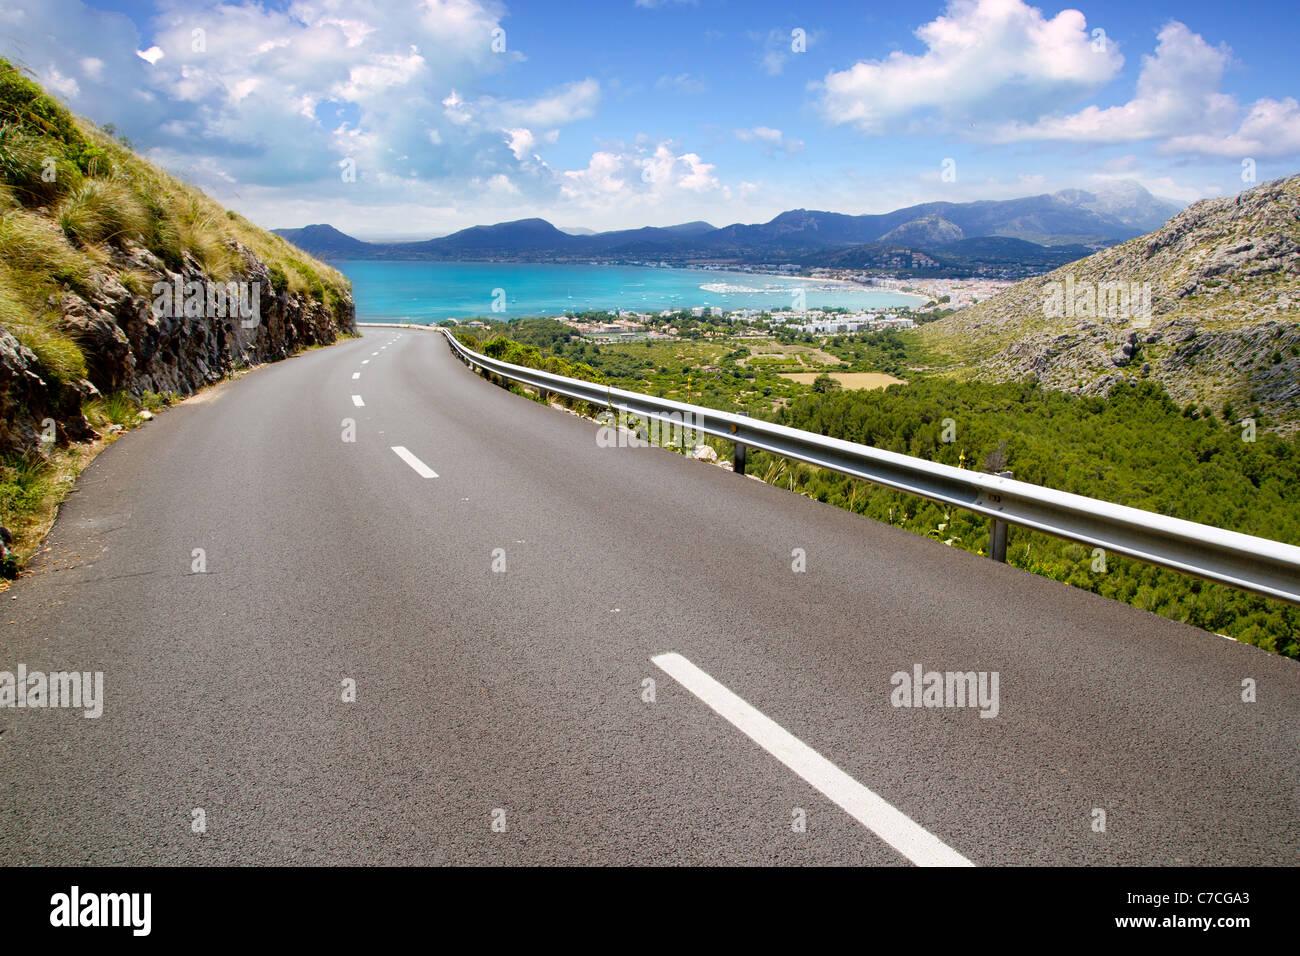 Route de la courbe en montagne avec vue Pollensa à Majorque Îles Baléares Photo Stock